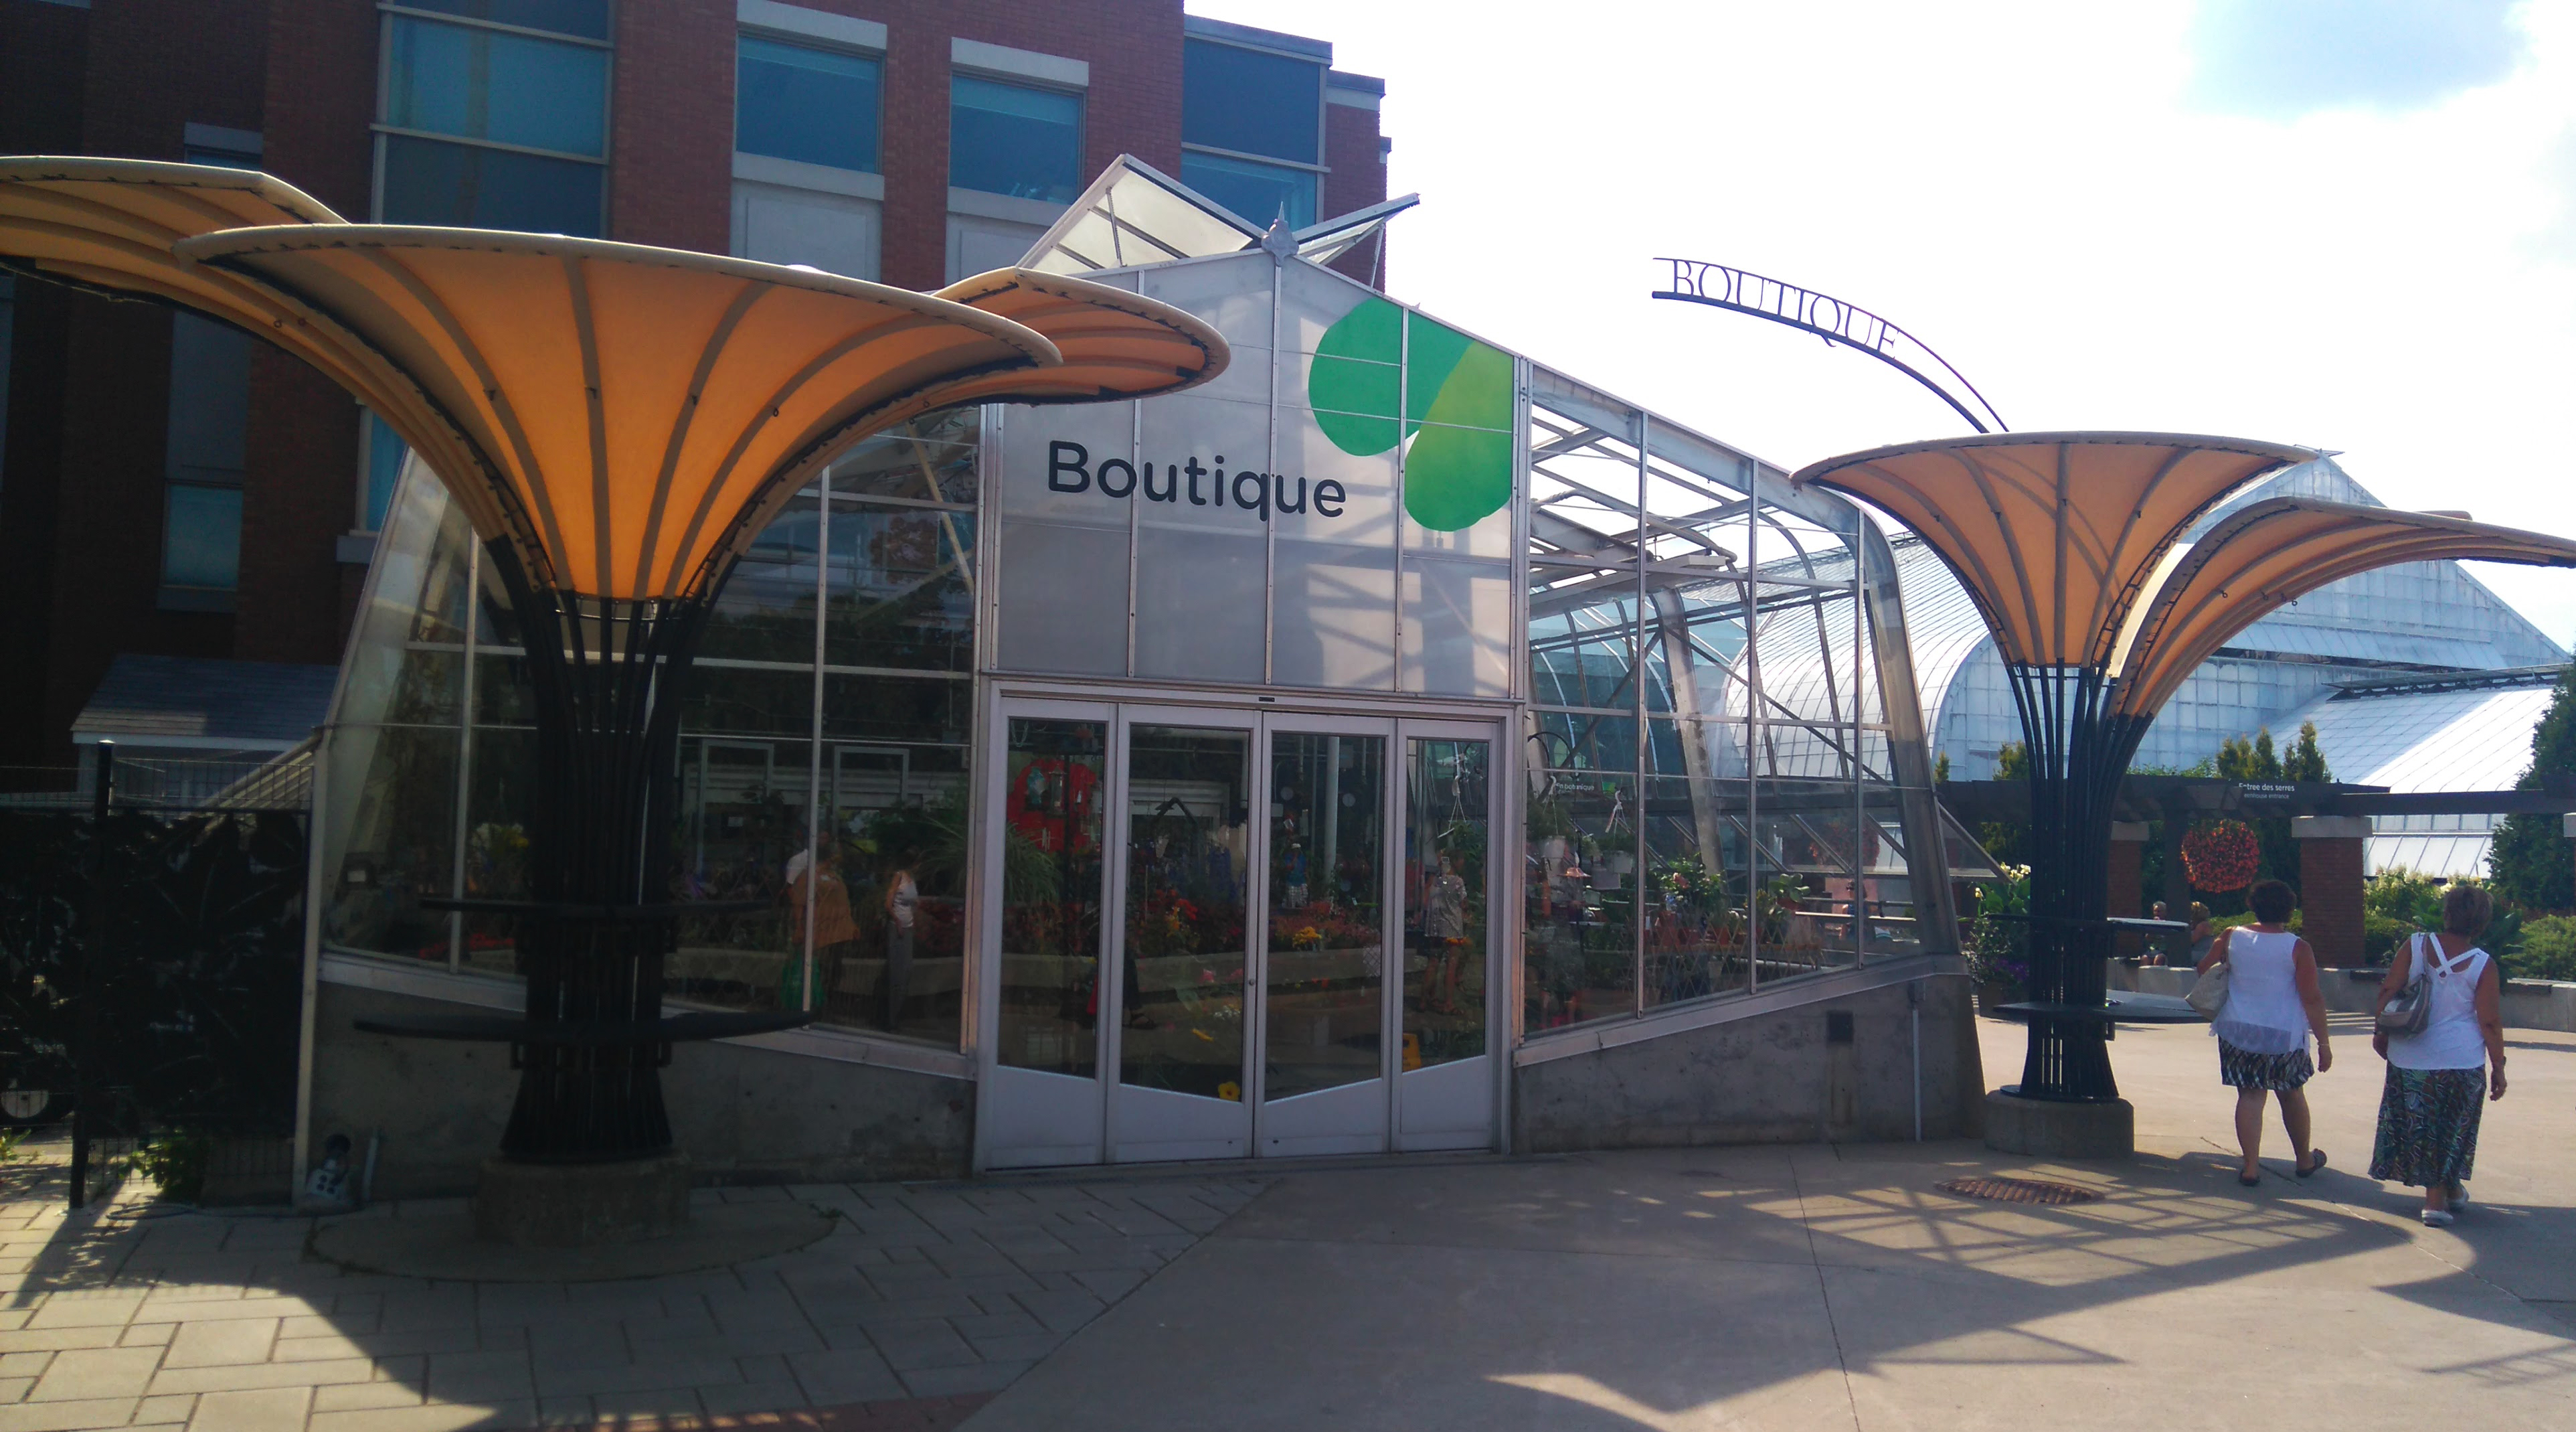 jardinerie de la boutique du jardin botanique de montr al agence shop. Black Bedroom Furniture Sets. Home Design Ideas